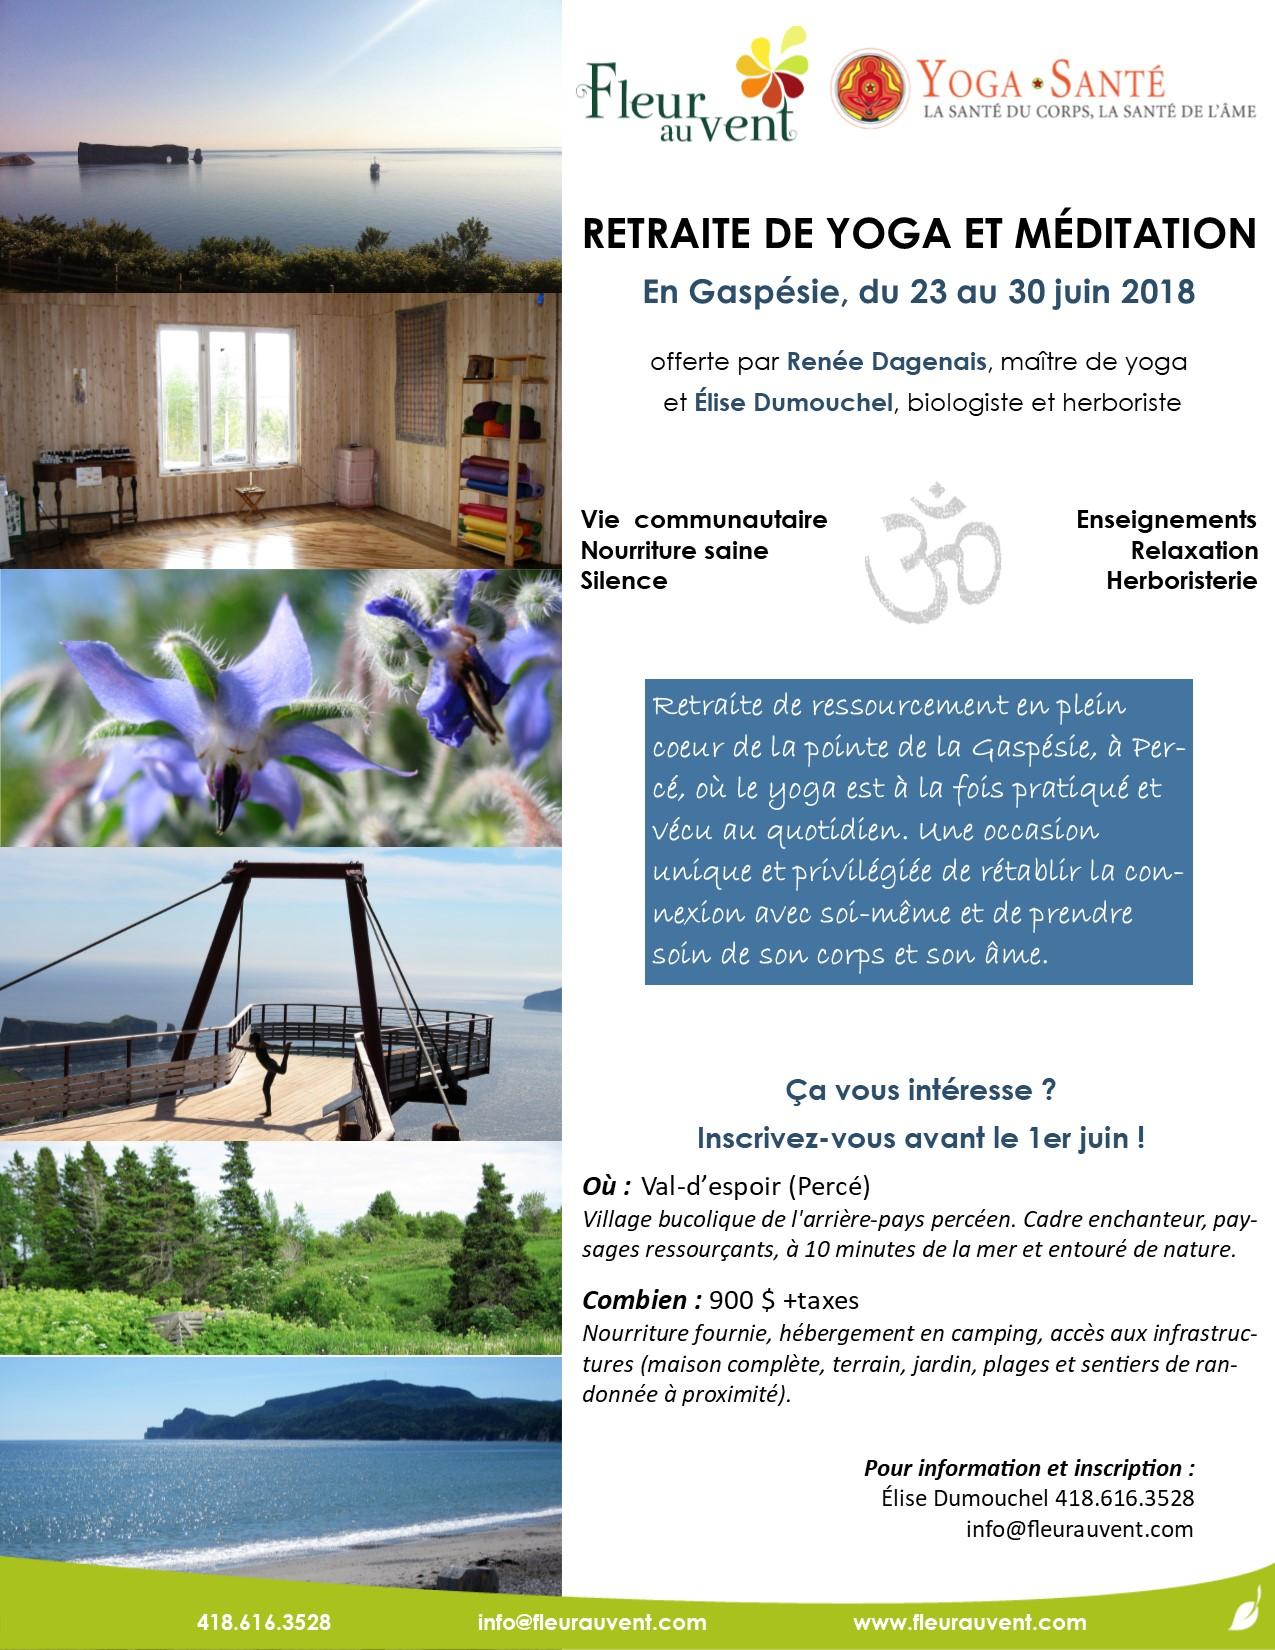 Retraite de yoga et méditation en Gaspésie